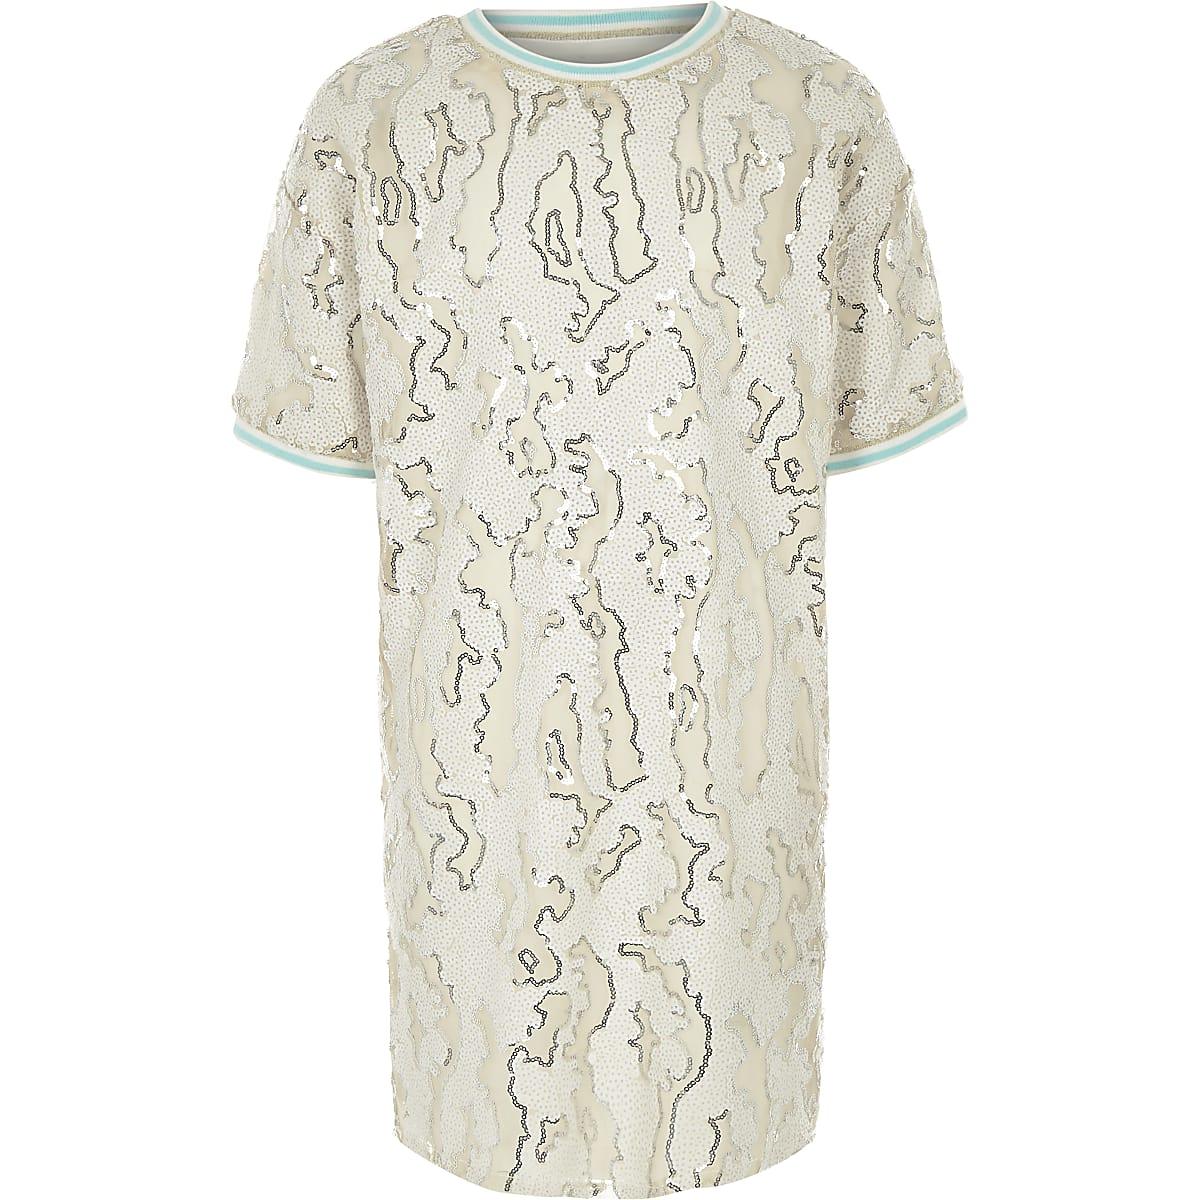 Girls cream sequin T-shirt dress